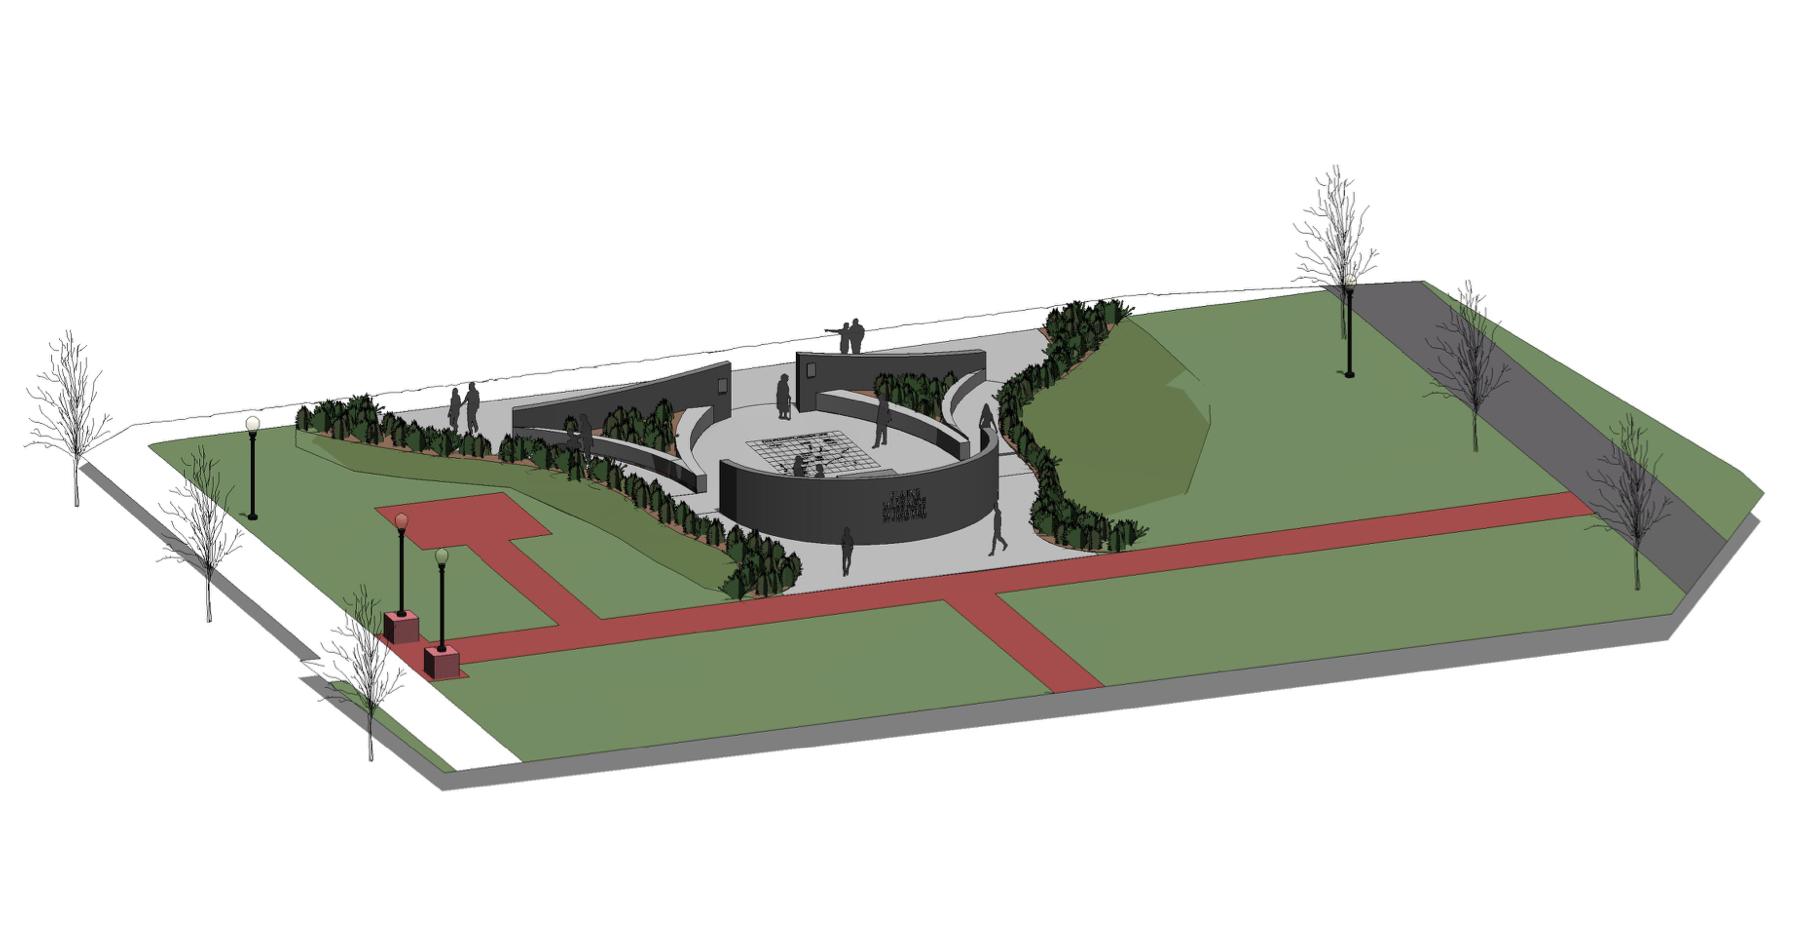 Elaine Massacre Memorial diagram